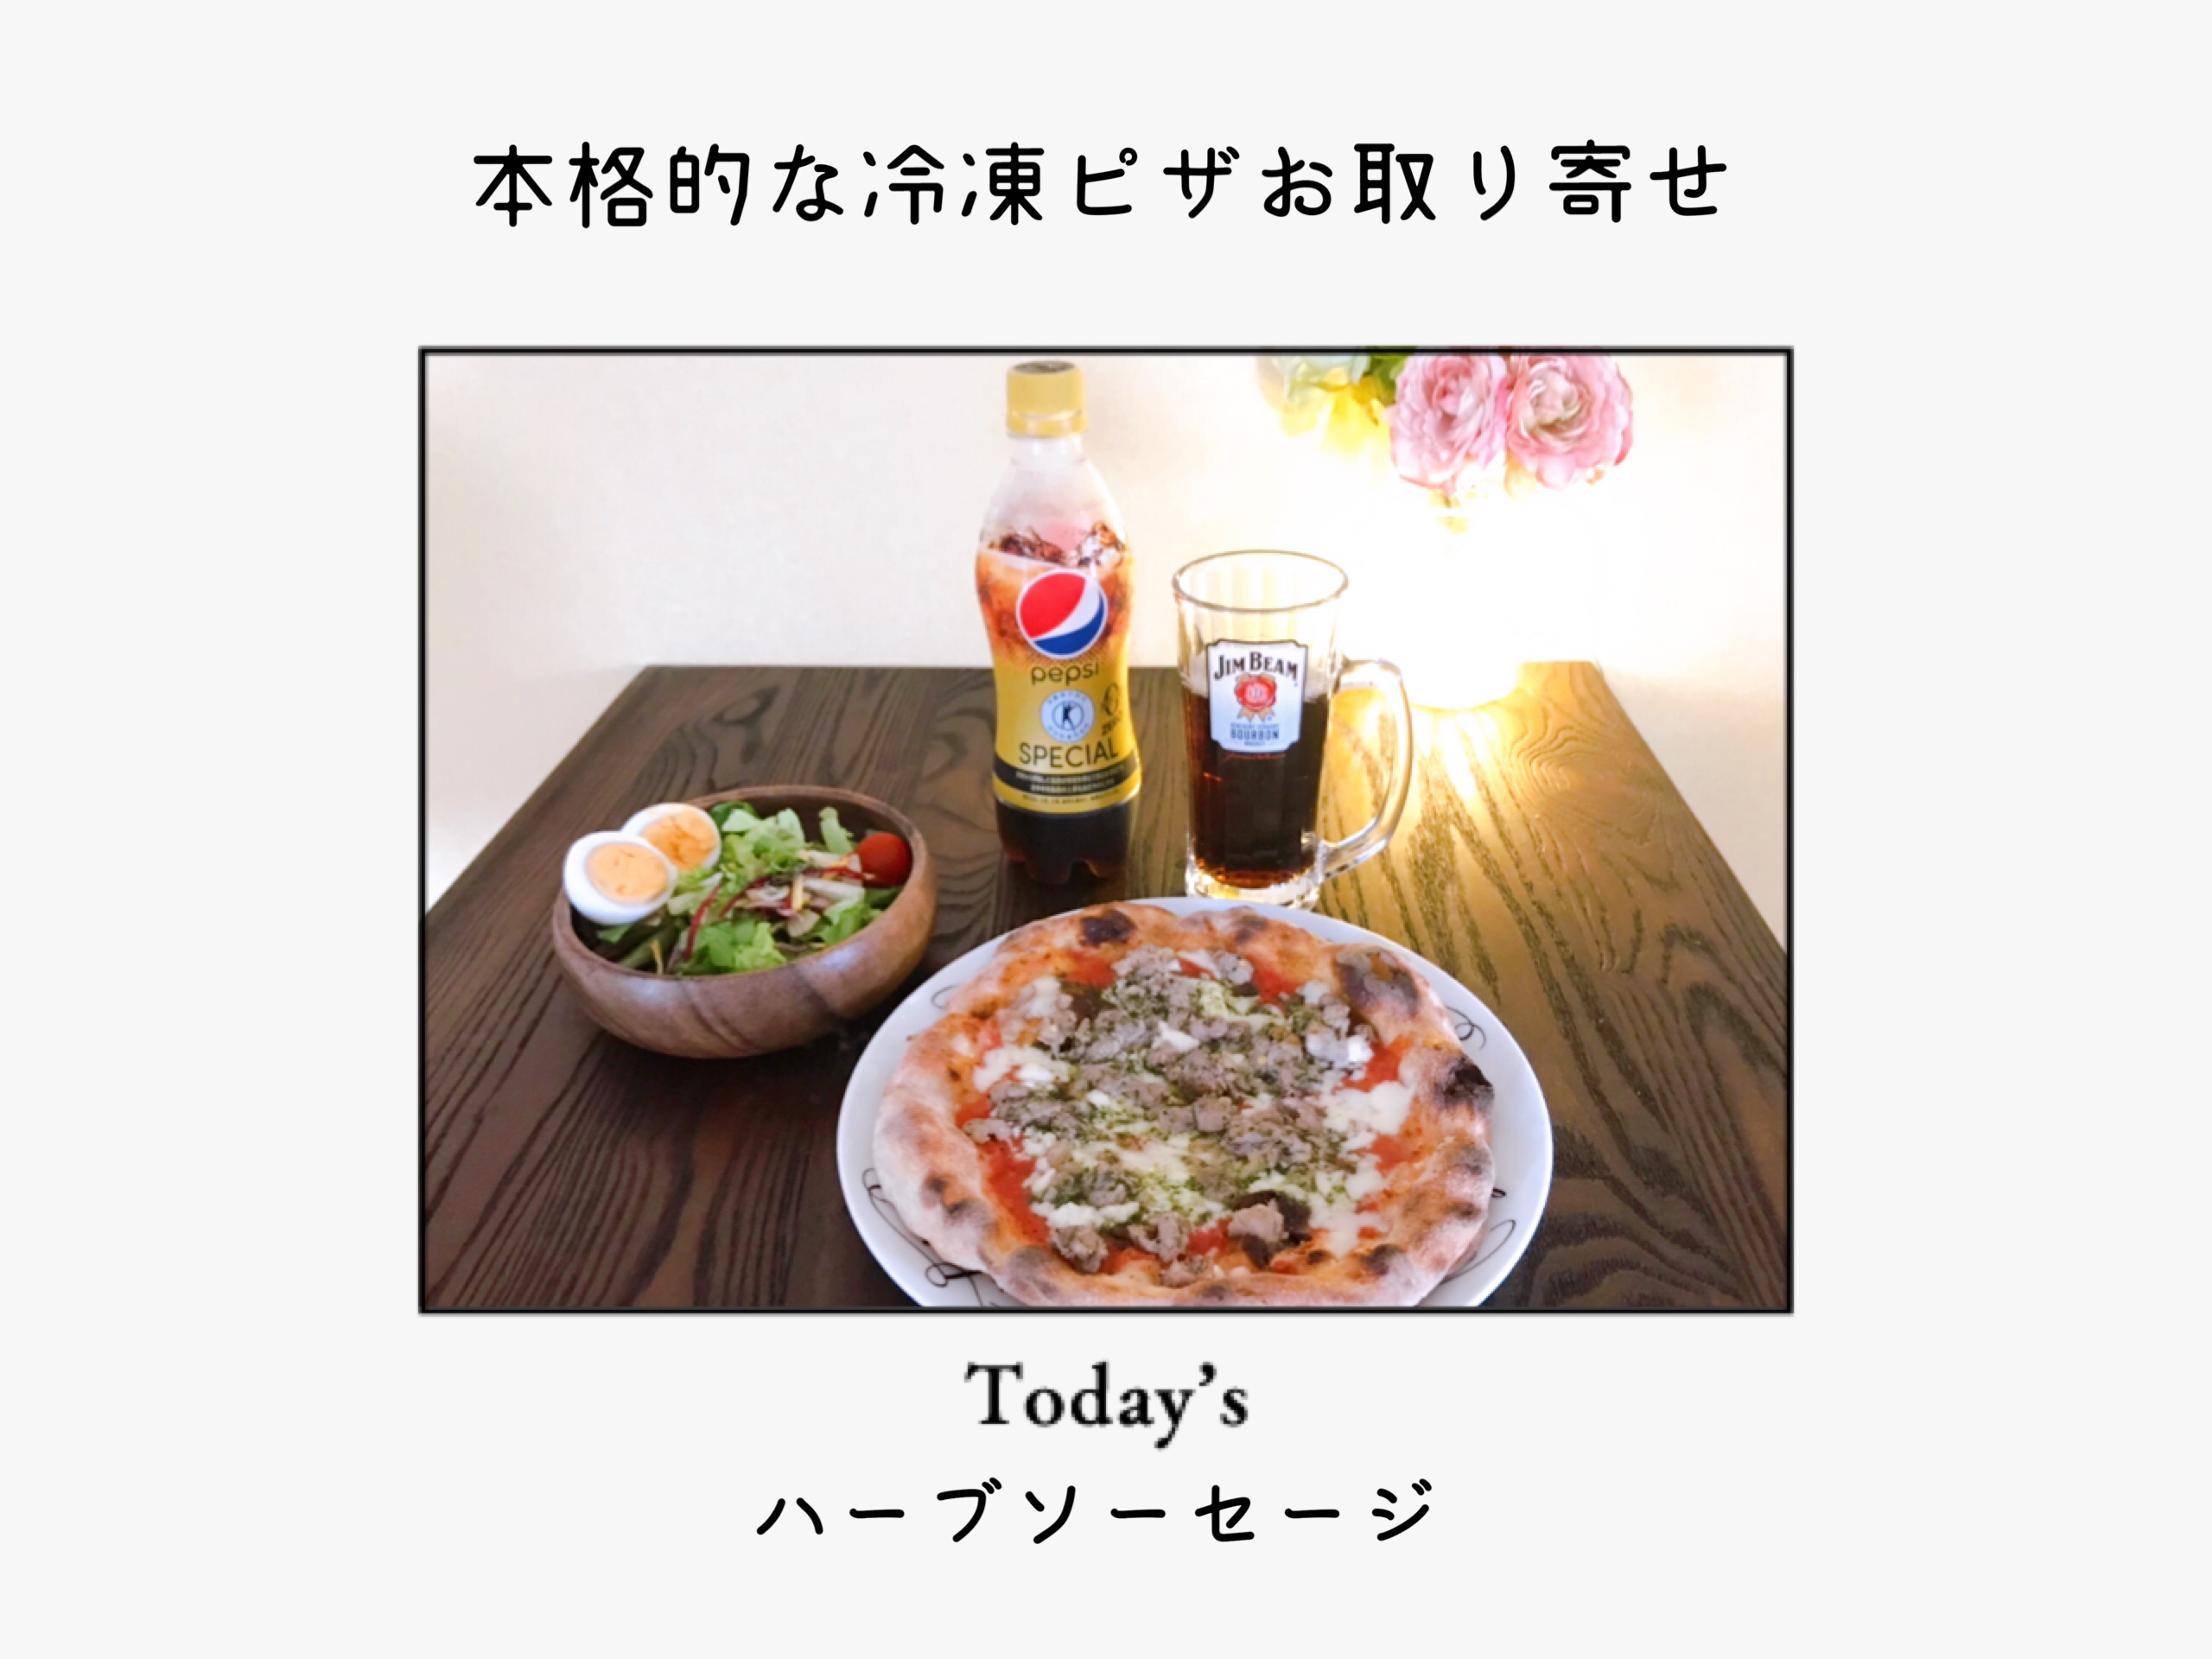 冷凍ピザお取り寄せ